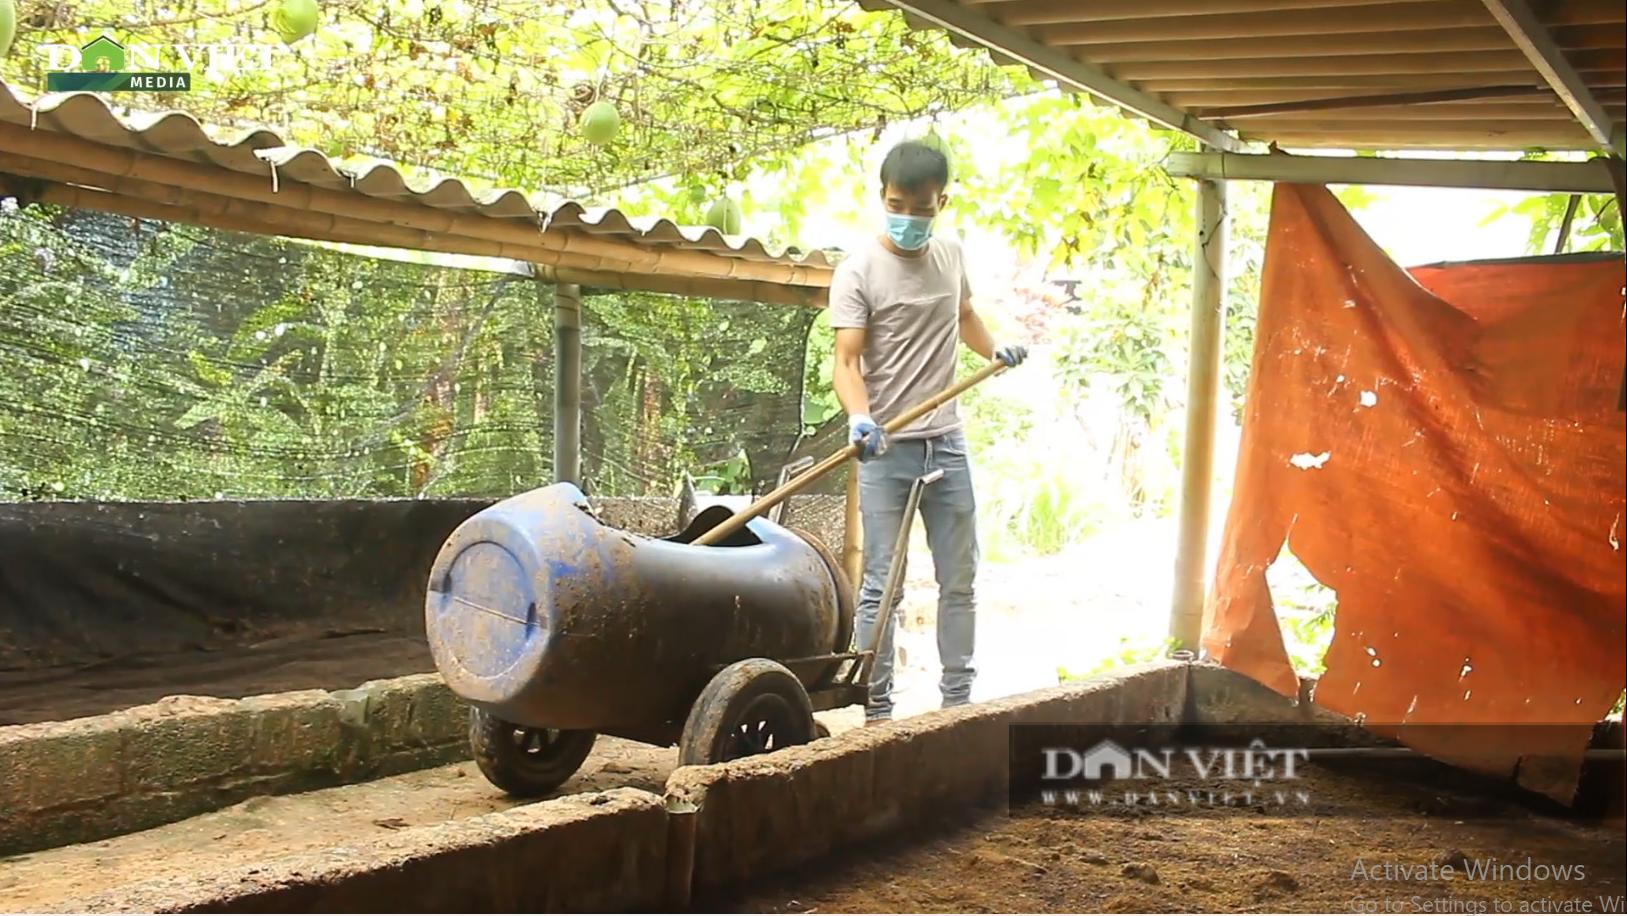 Mở trang trại nuôi giun quế từ phân bò, chàng trai 28 tuổi thành triệu phú đất Ba Vì  - Ảnh 2.